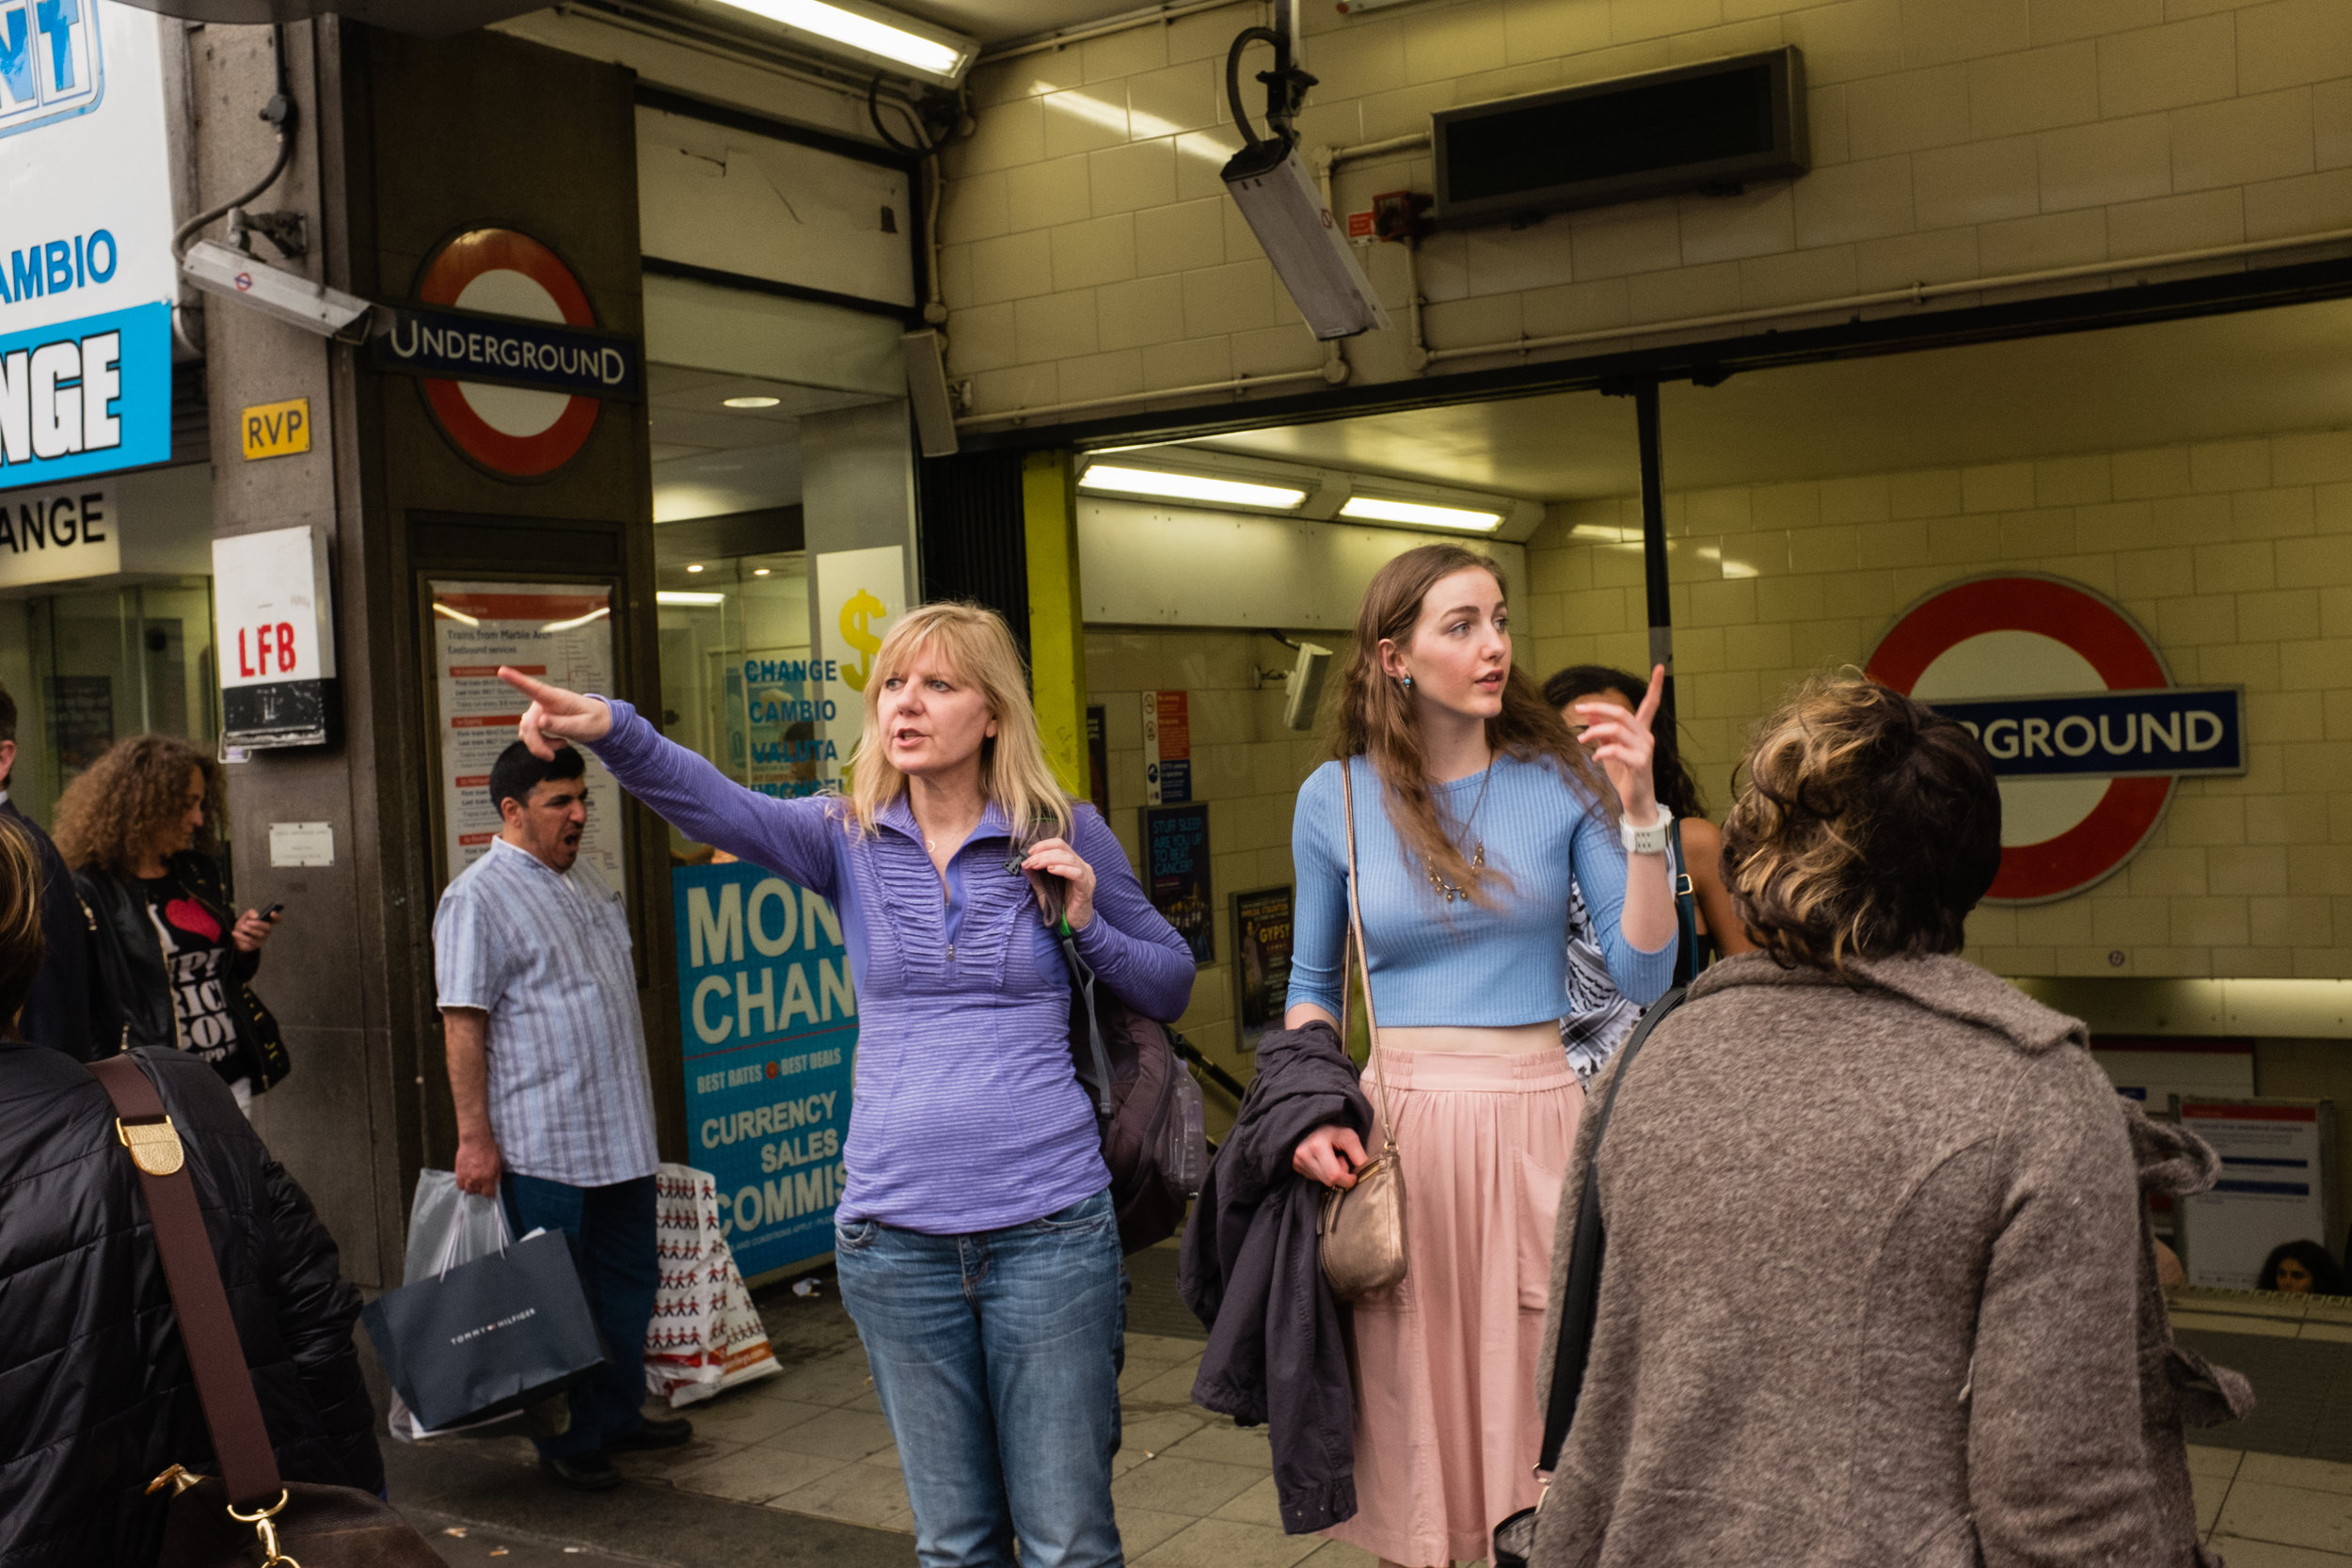 London_07.jpg